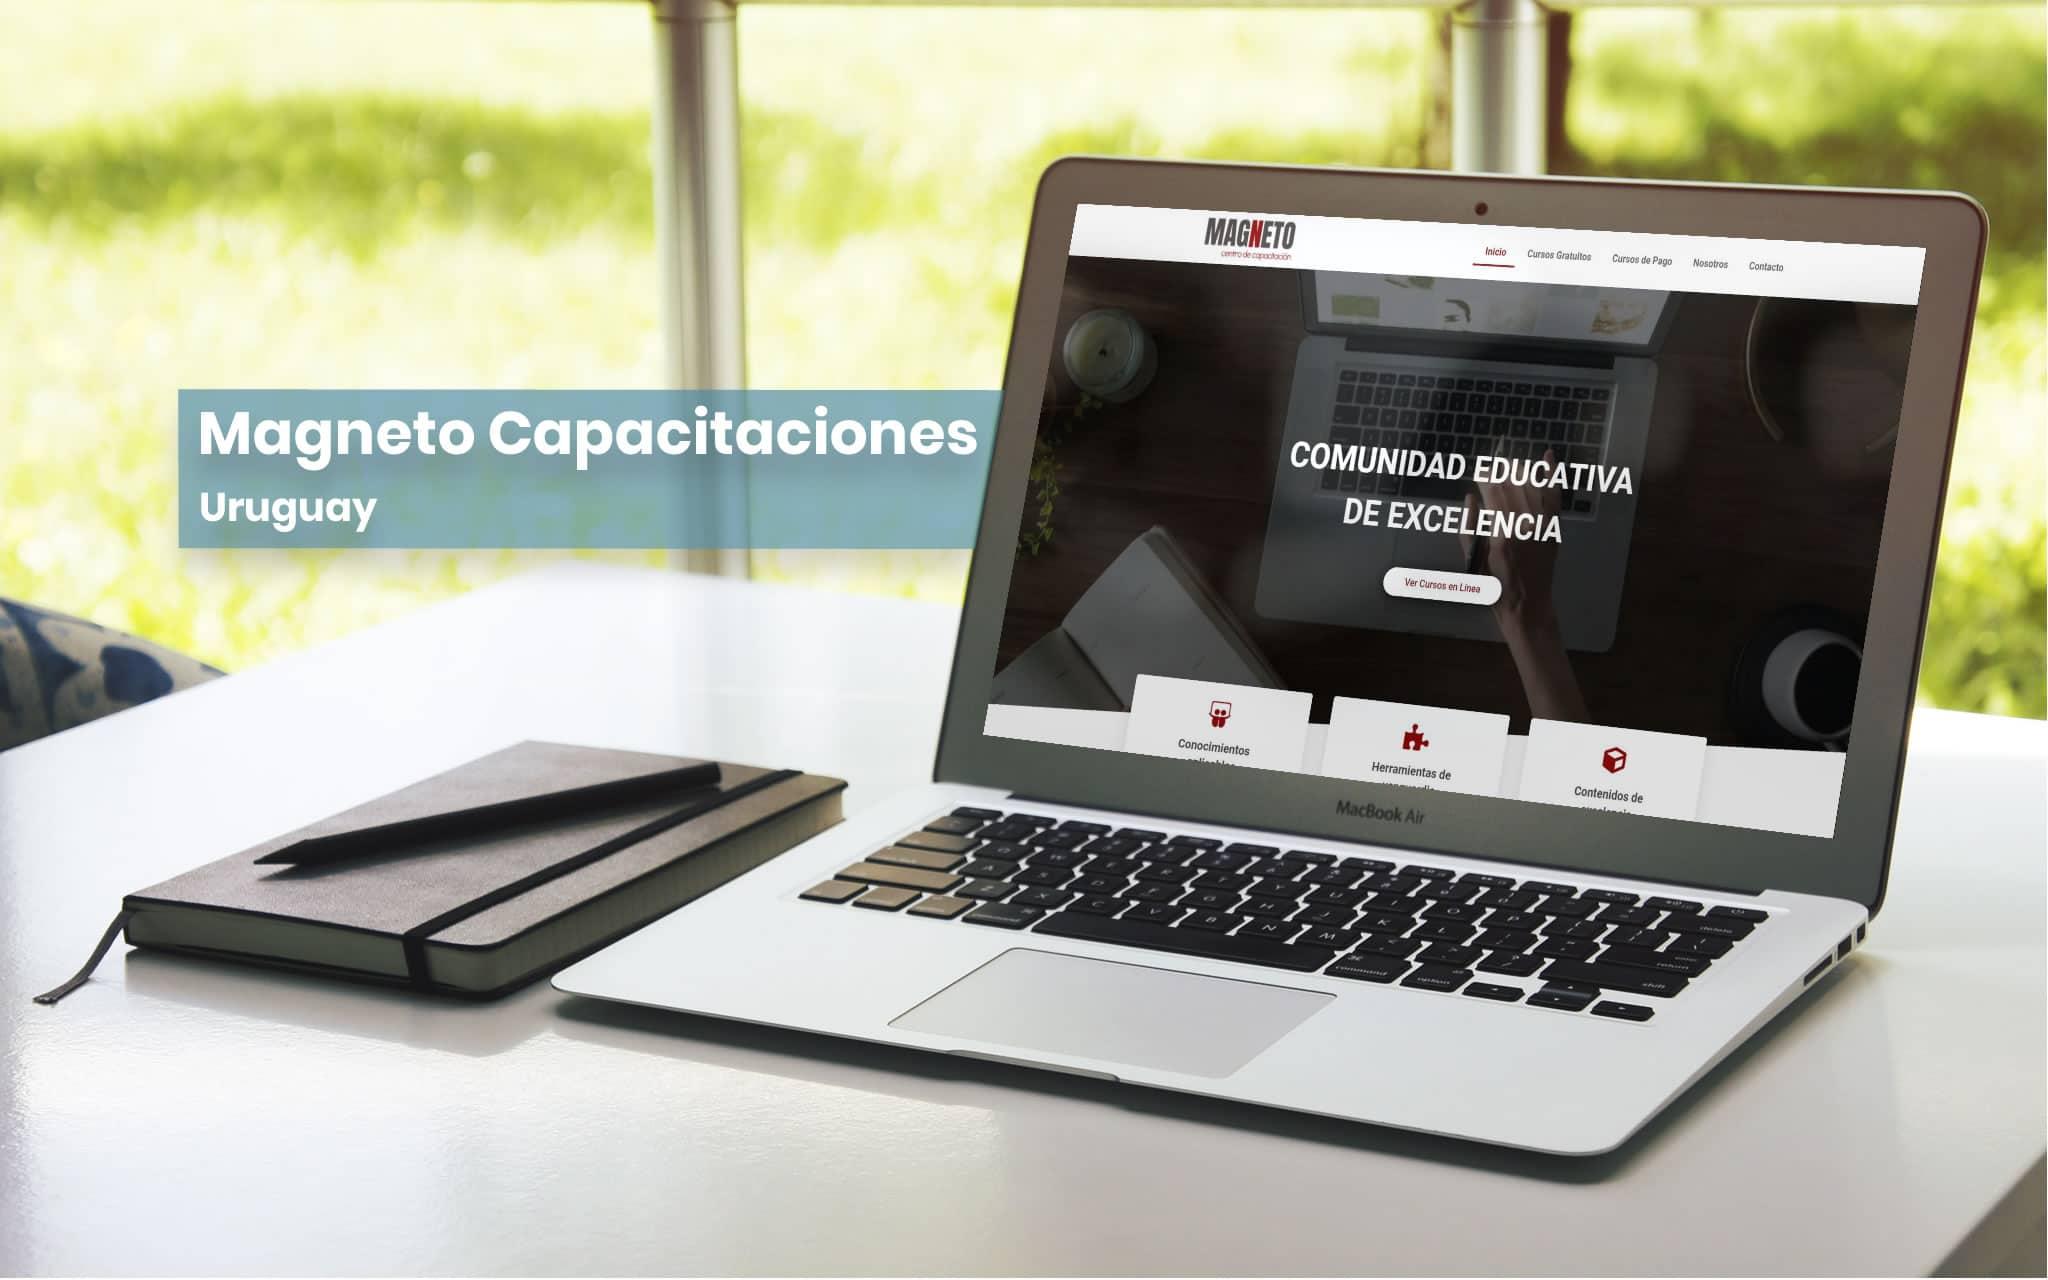 Magneto Capacitaciones - Uruguay